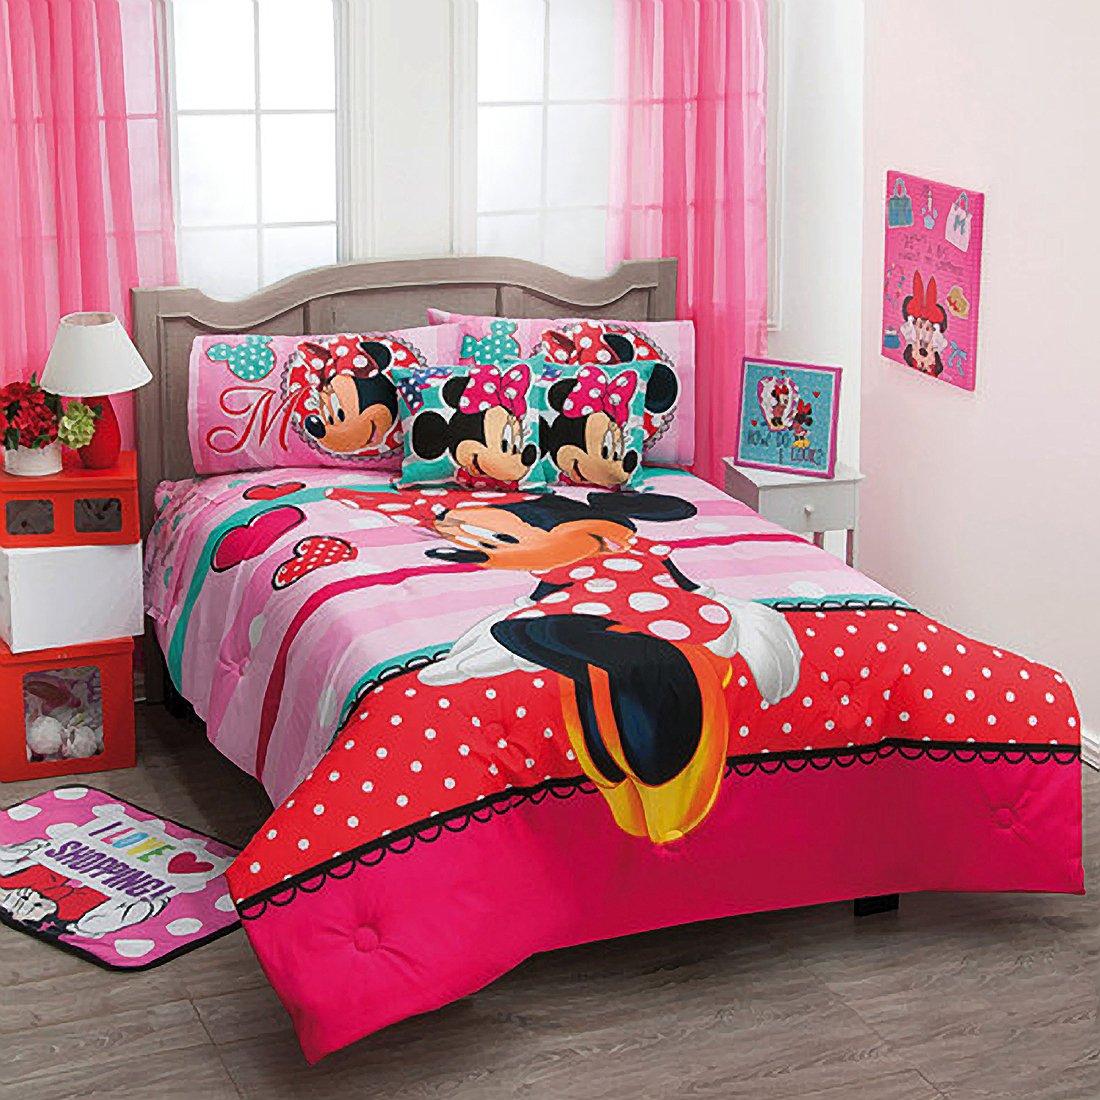 Minnie Love Reversible Comforter Set 7 Pcs. / Queen